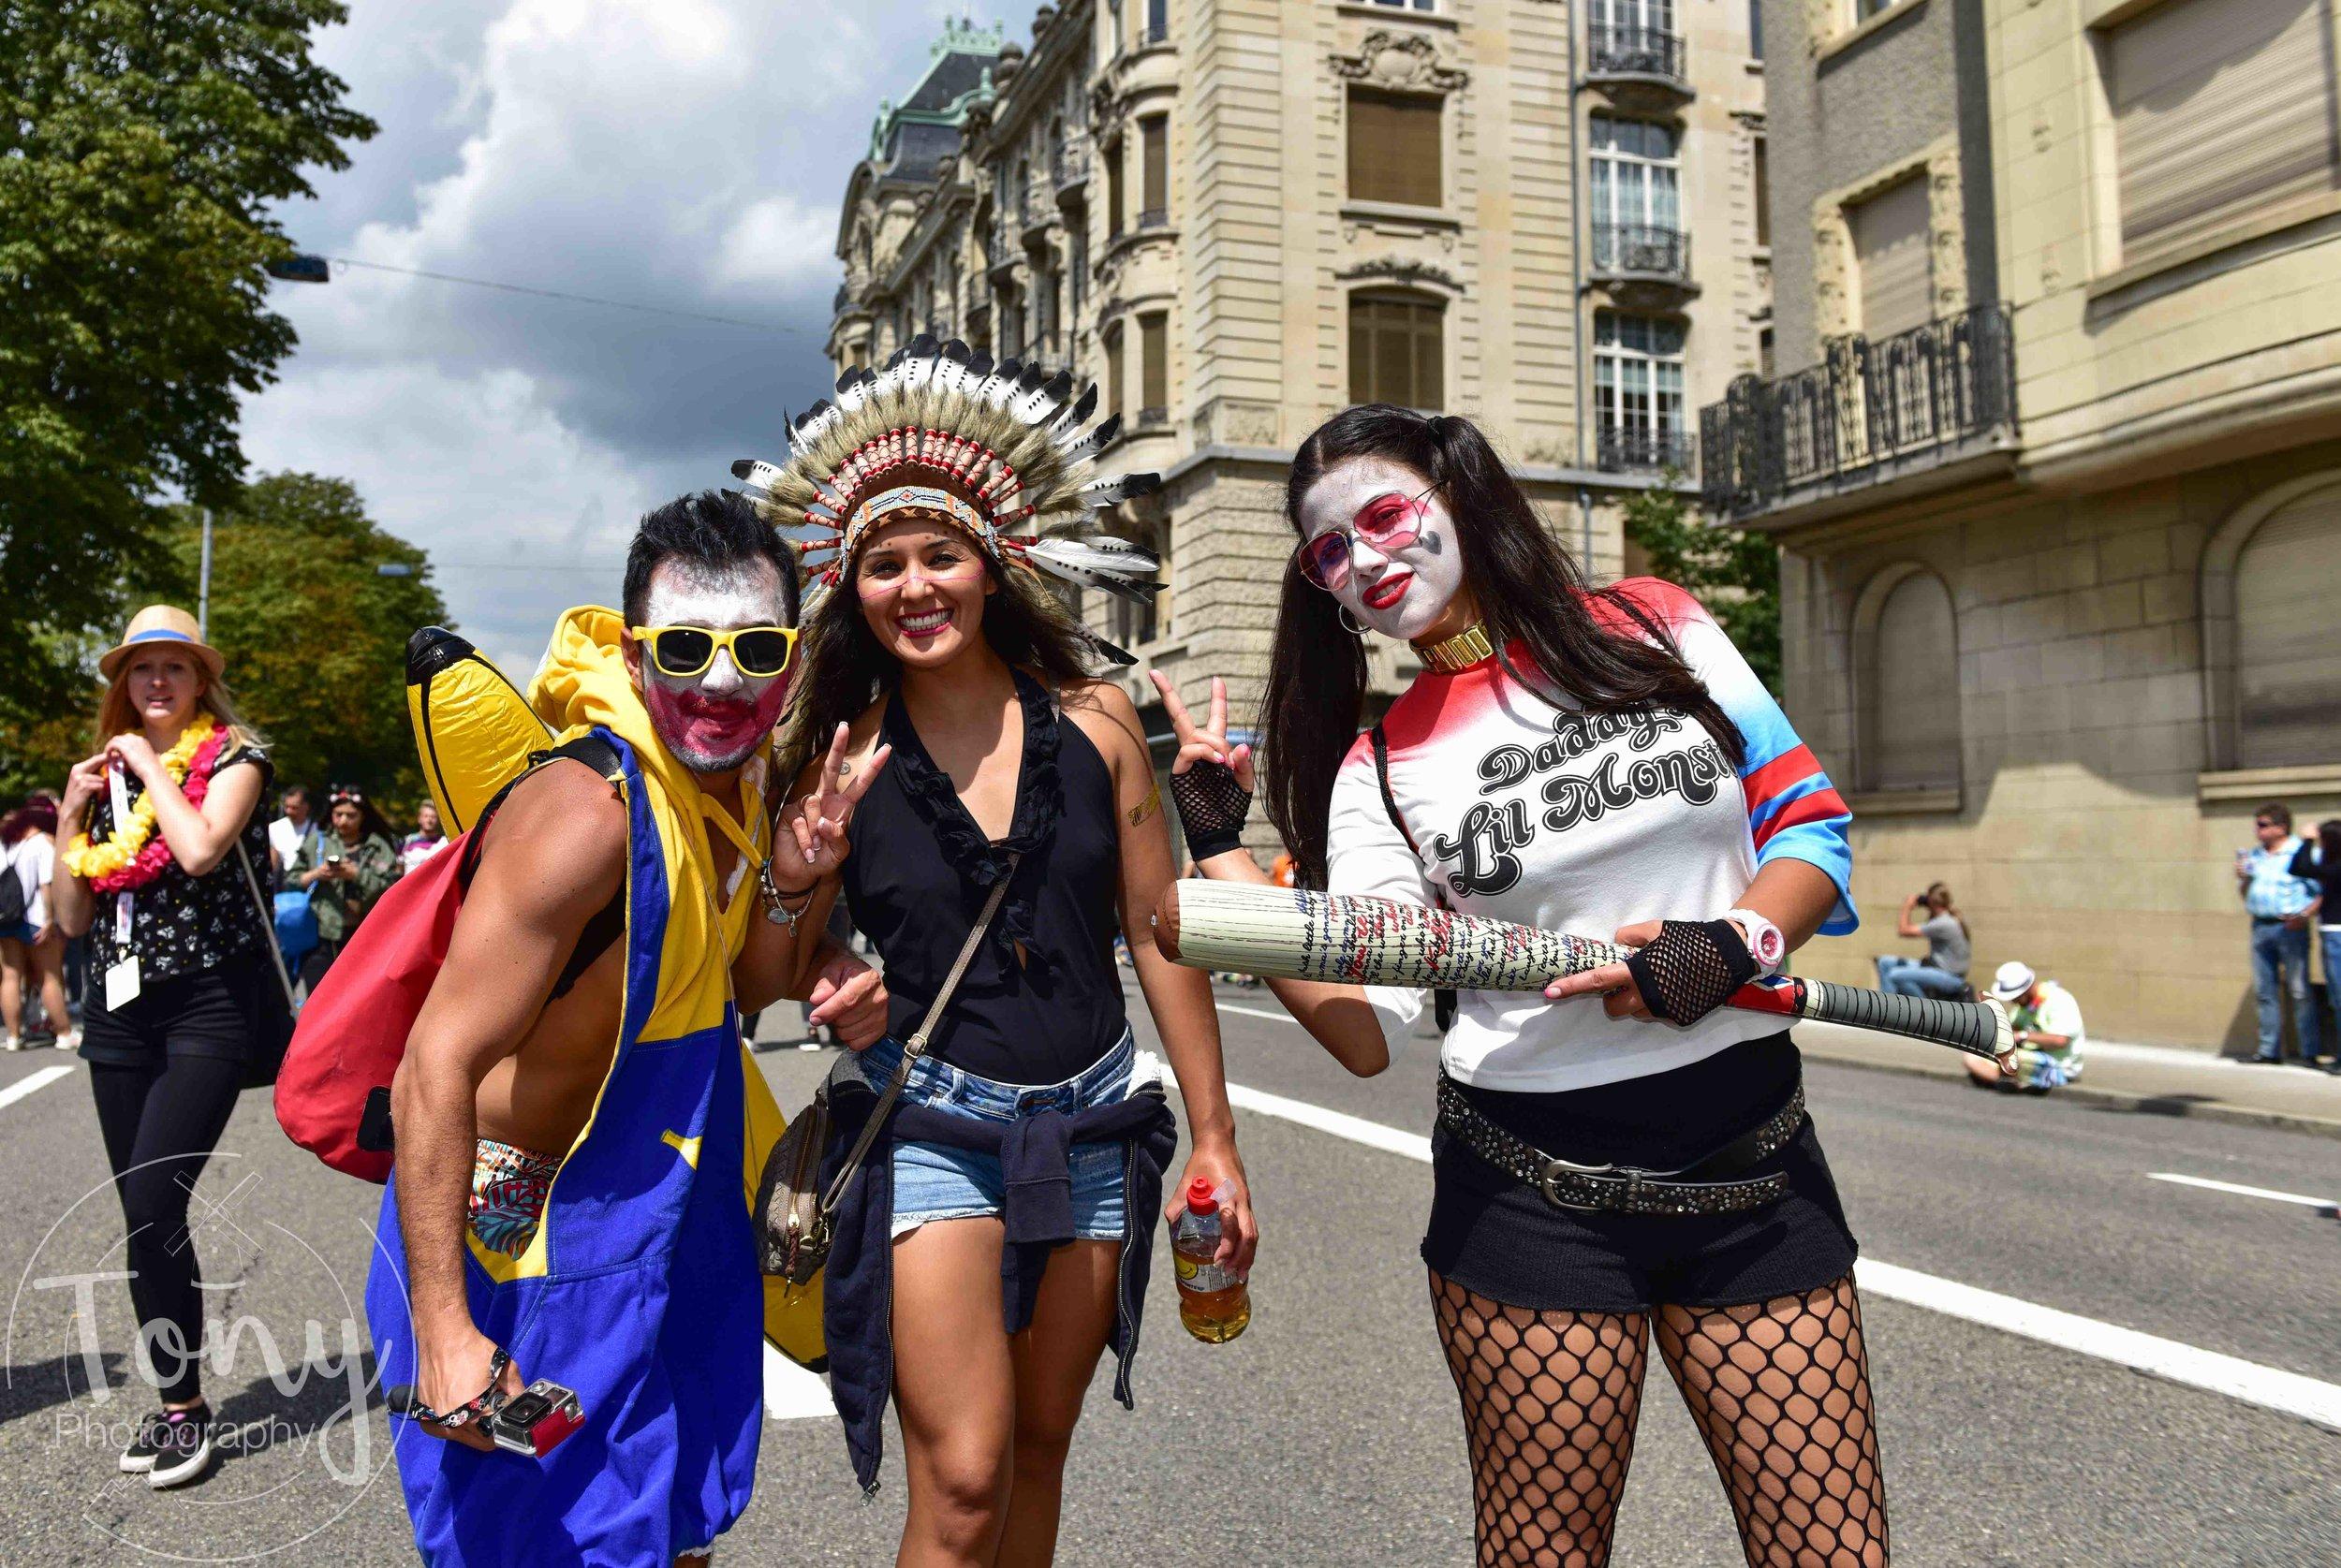 streetparade-39.jpg